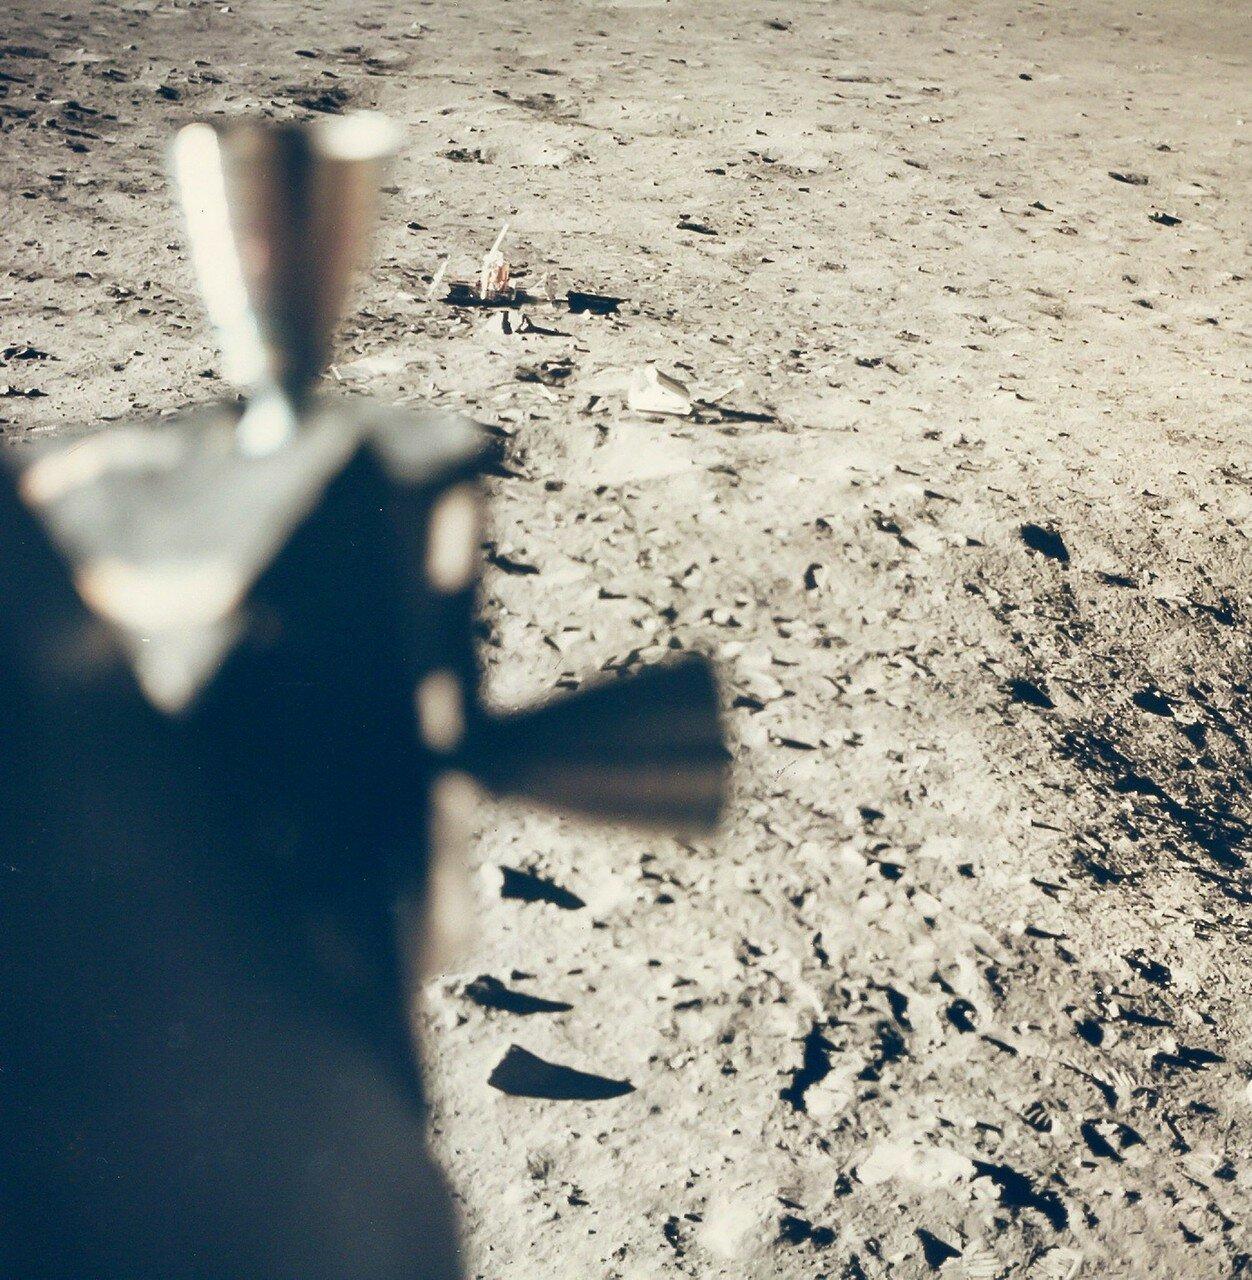 Олдрин увидел в свой иллюминатор, как под воздействием реактивной струи полетели в разные стороны мелкие куски теплоизоляции посадочной ступени. На снимке: Вид лунной поверхности